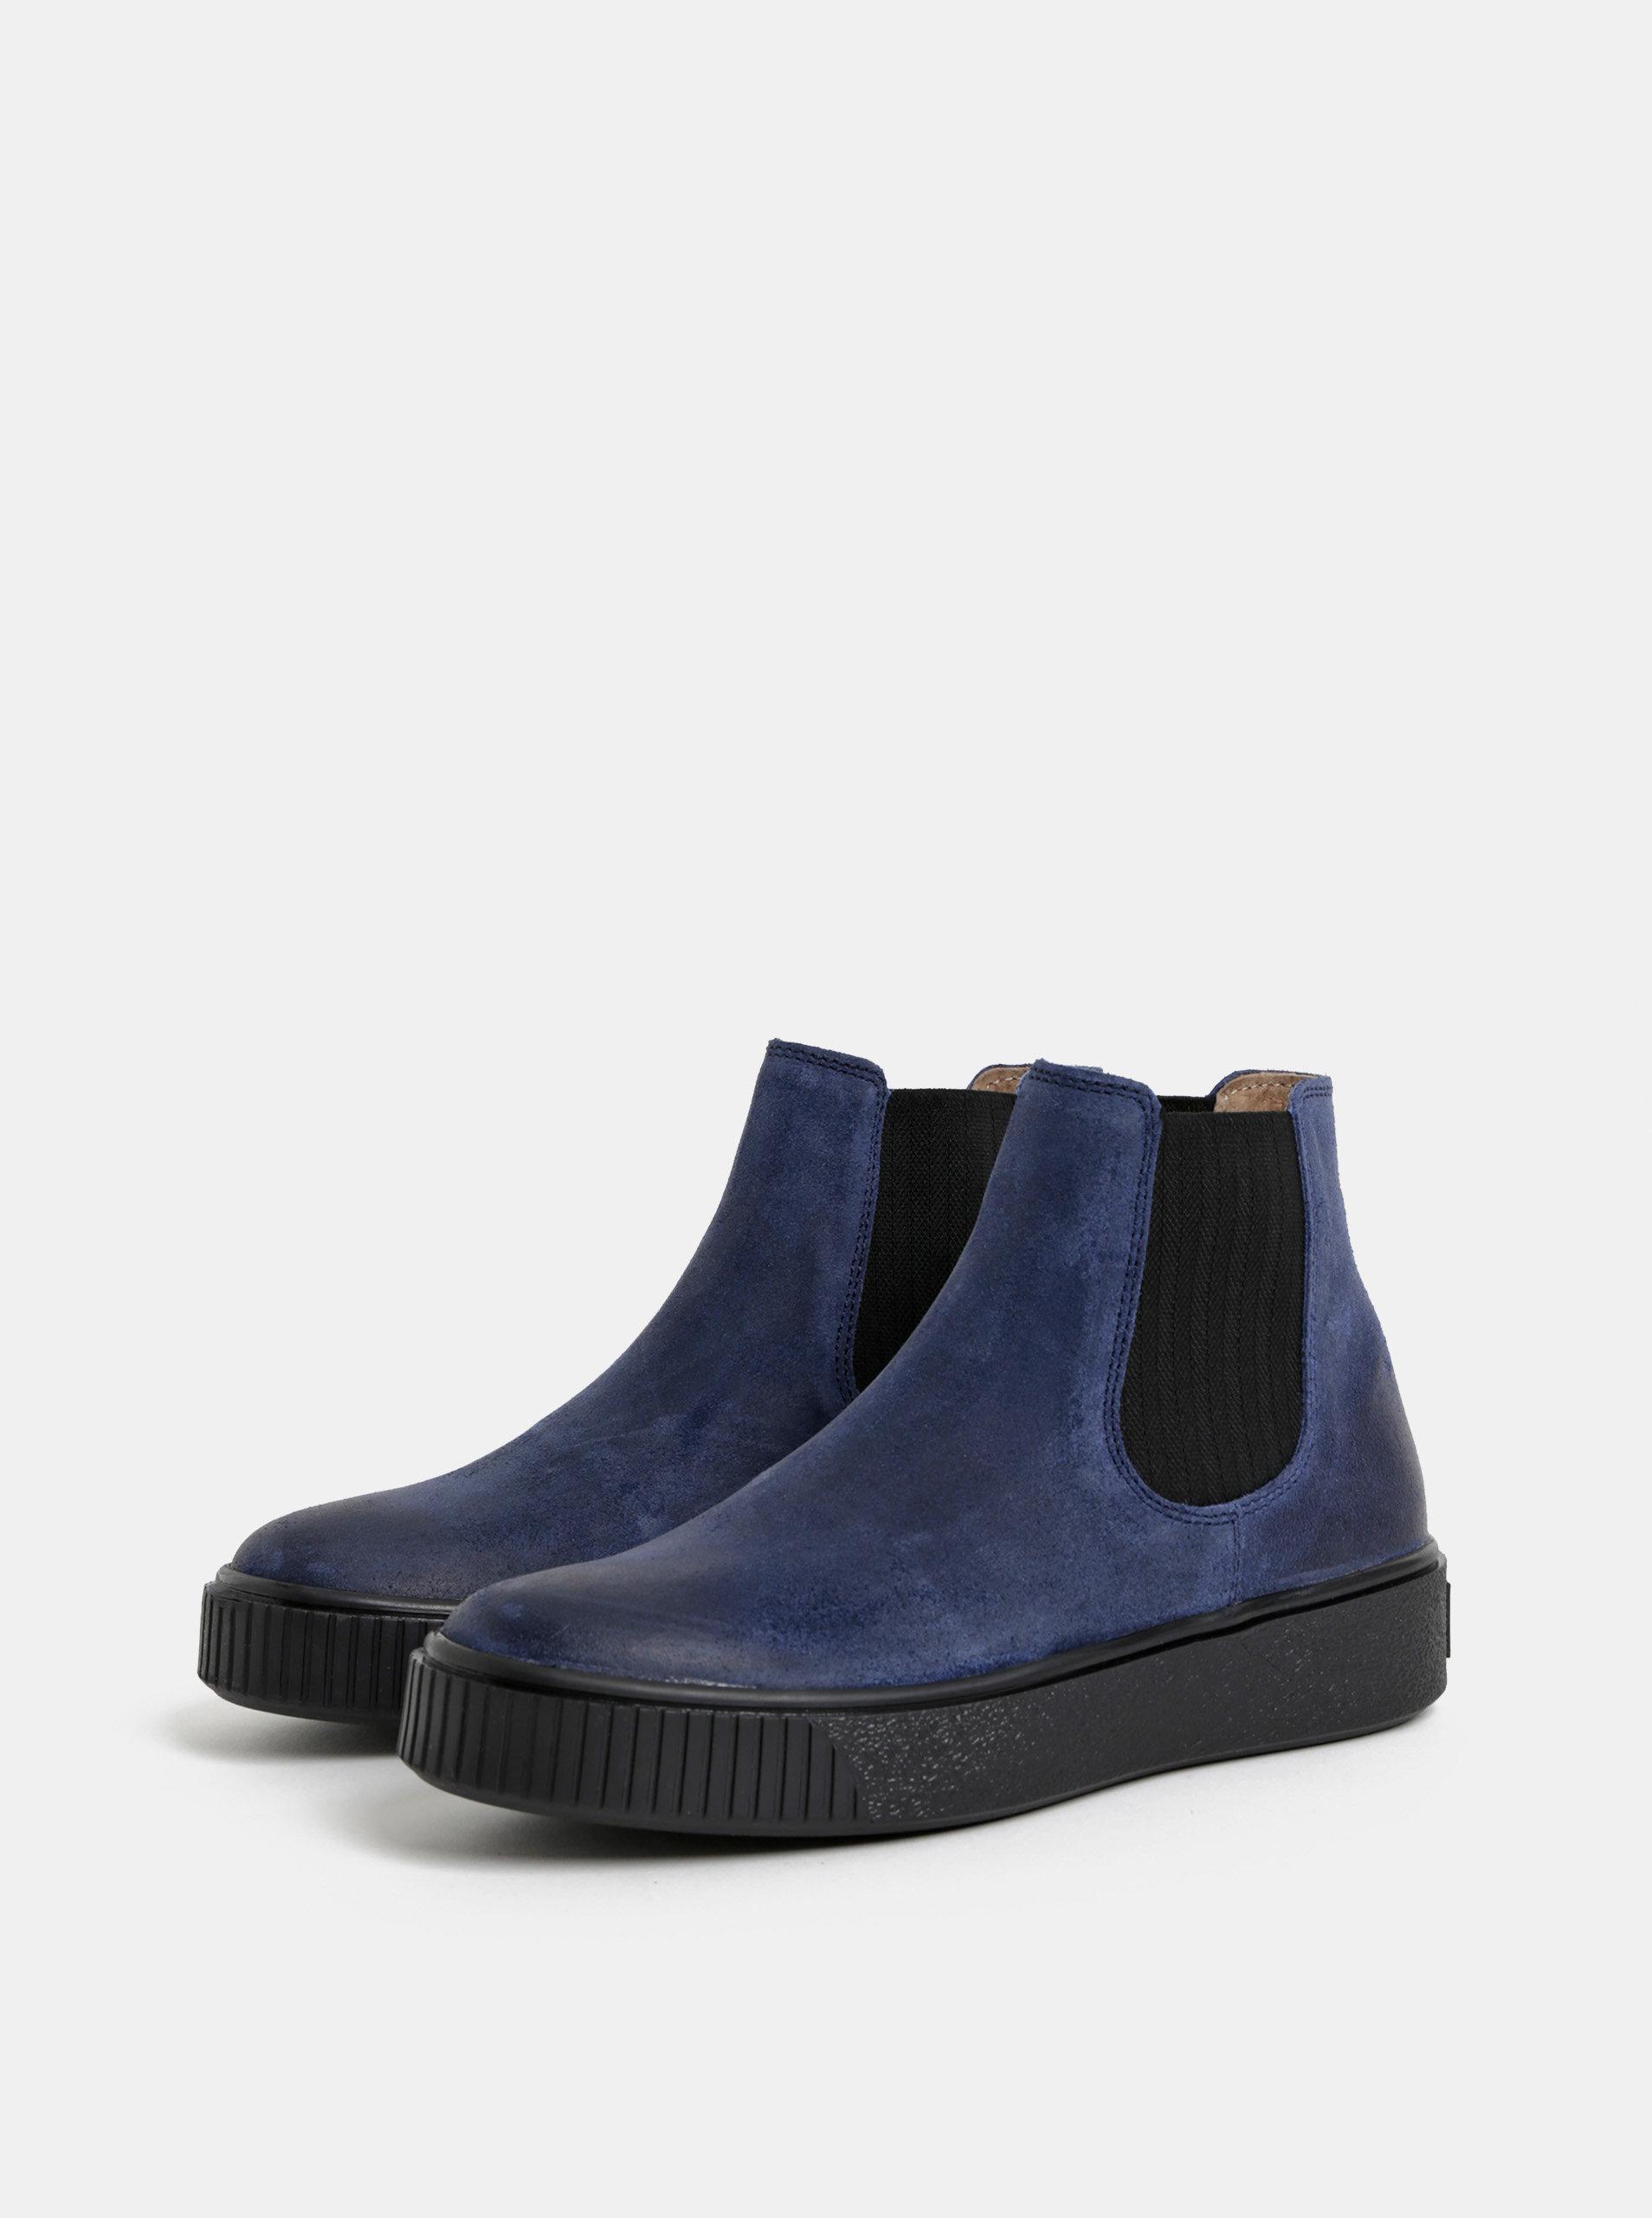 c37d5d9d691e Modré dámské kožené chelsea boty na platformě Weinbrenner ...